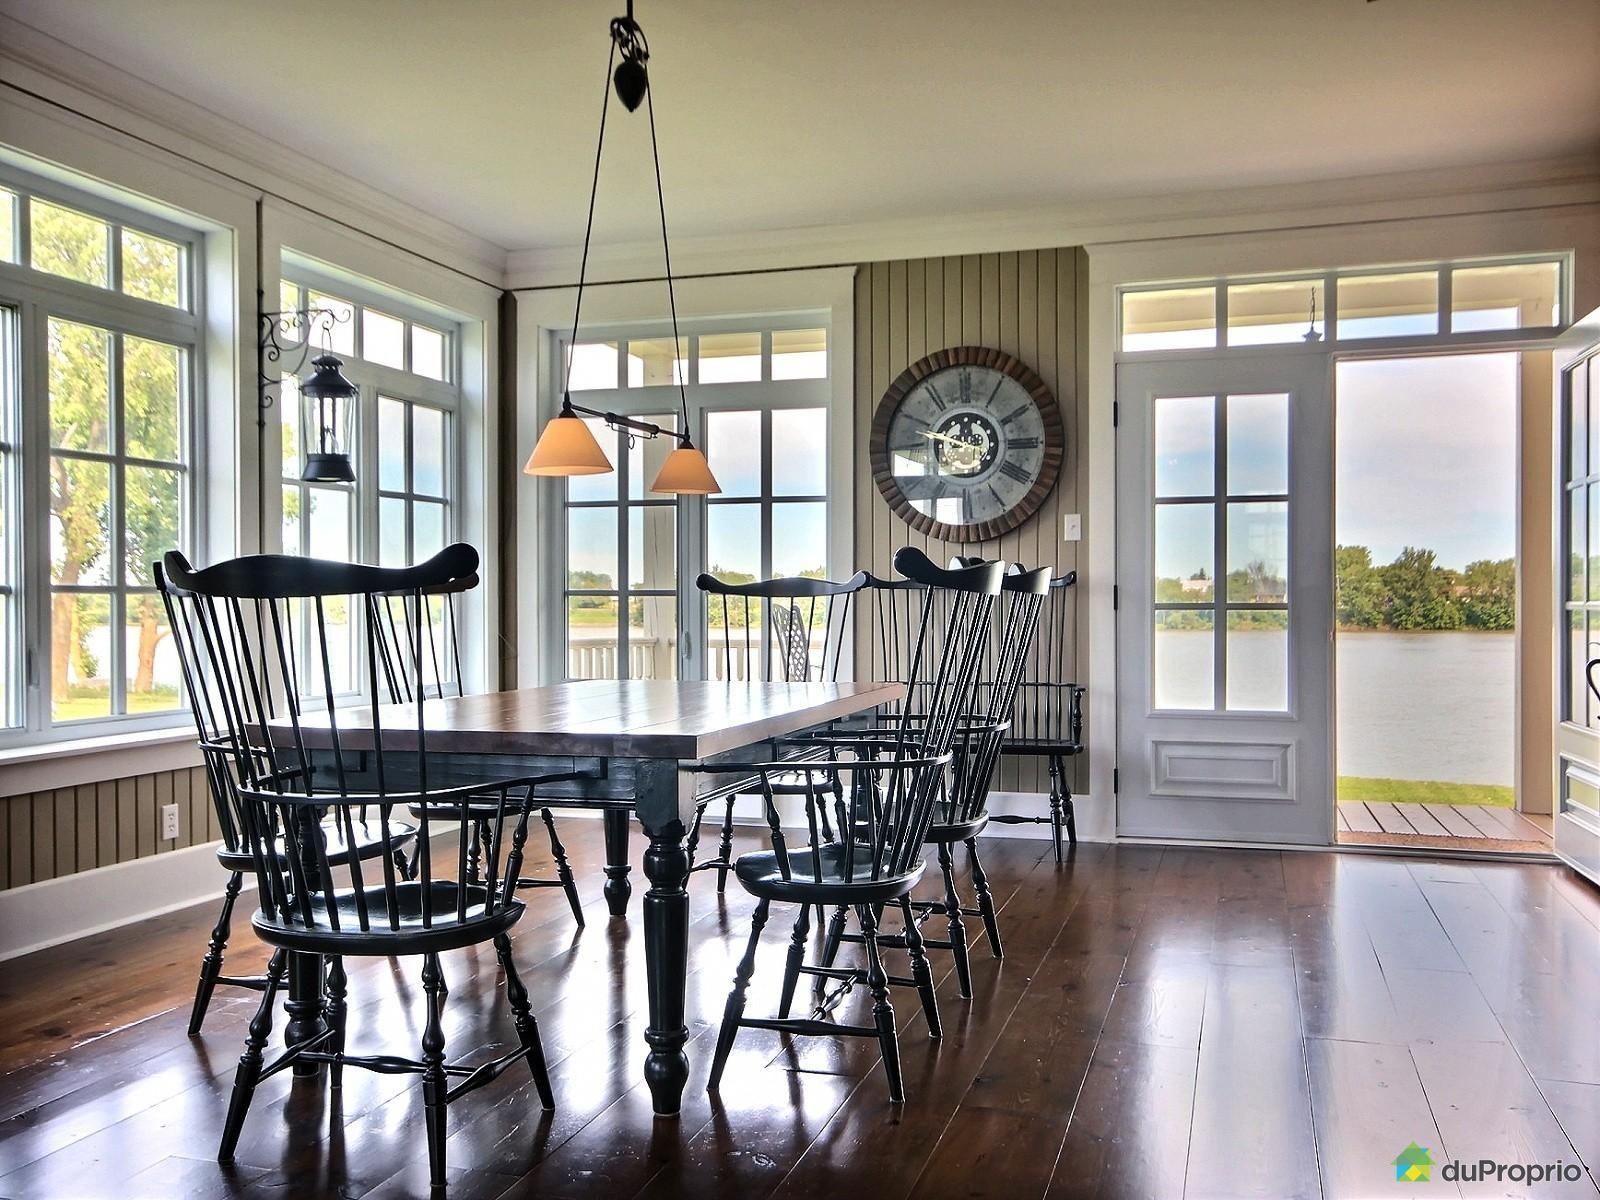 Maison A Vendre St Denis Sur Richelieu 793 Chemin Des Patriotes Immobilier Quebec Duproprio 617954 Home Home Decor Furniture